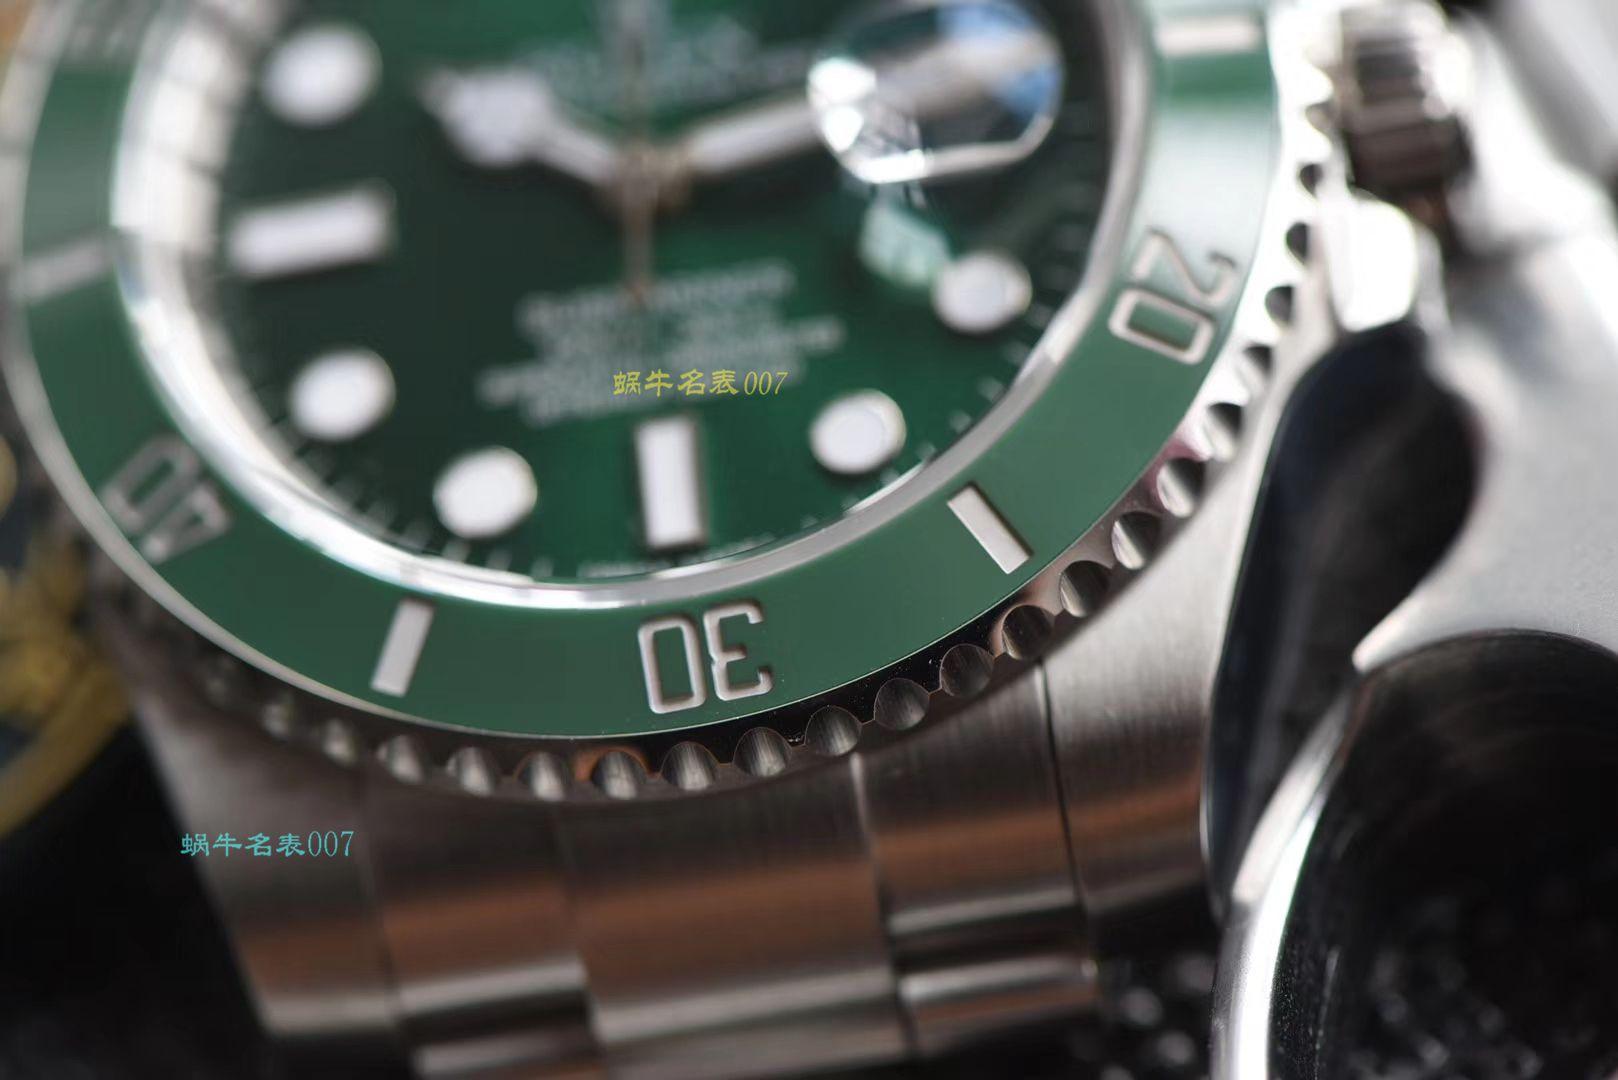 【AR一比一超A高仿劳力士绿水鬼手表】劳力士潜航者型系列116610LV-97200 绿盘腕表 / R318